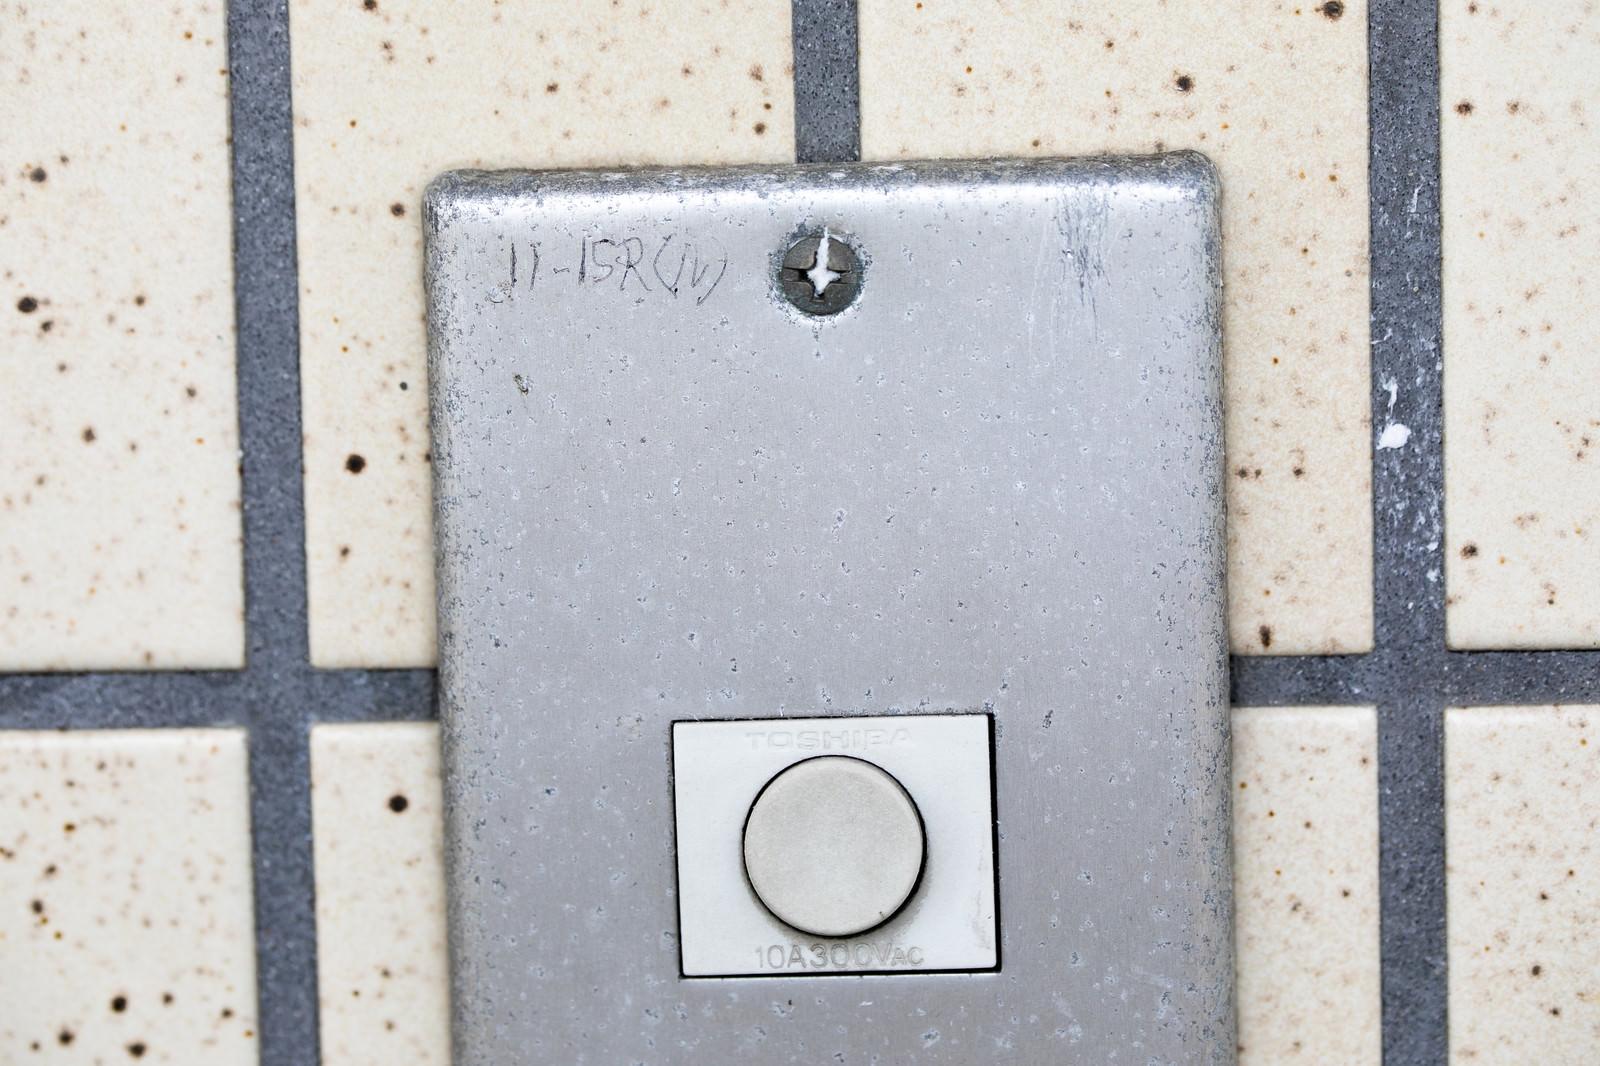 「玄関チャイムのマーキング(11-15Rル)ー「11時~15時は留守」玄関チャイムのマーキング(11-15Rル)ー「11時~15時は留守」」のフリー写真素材を拡大